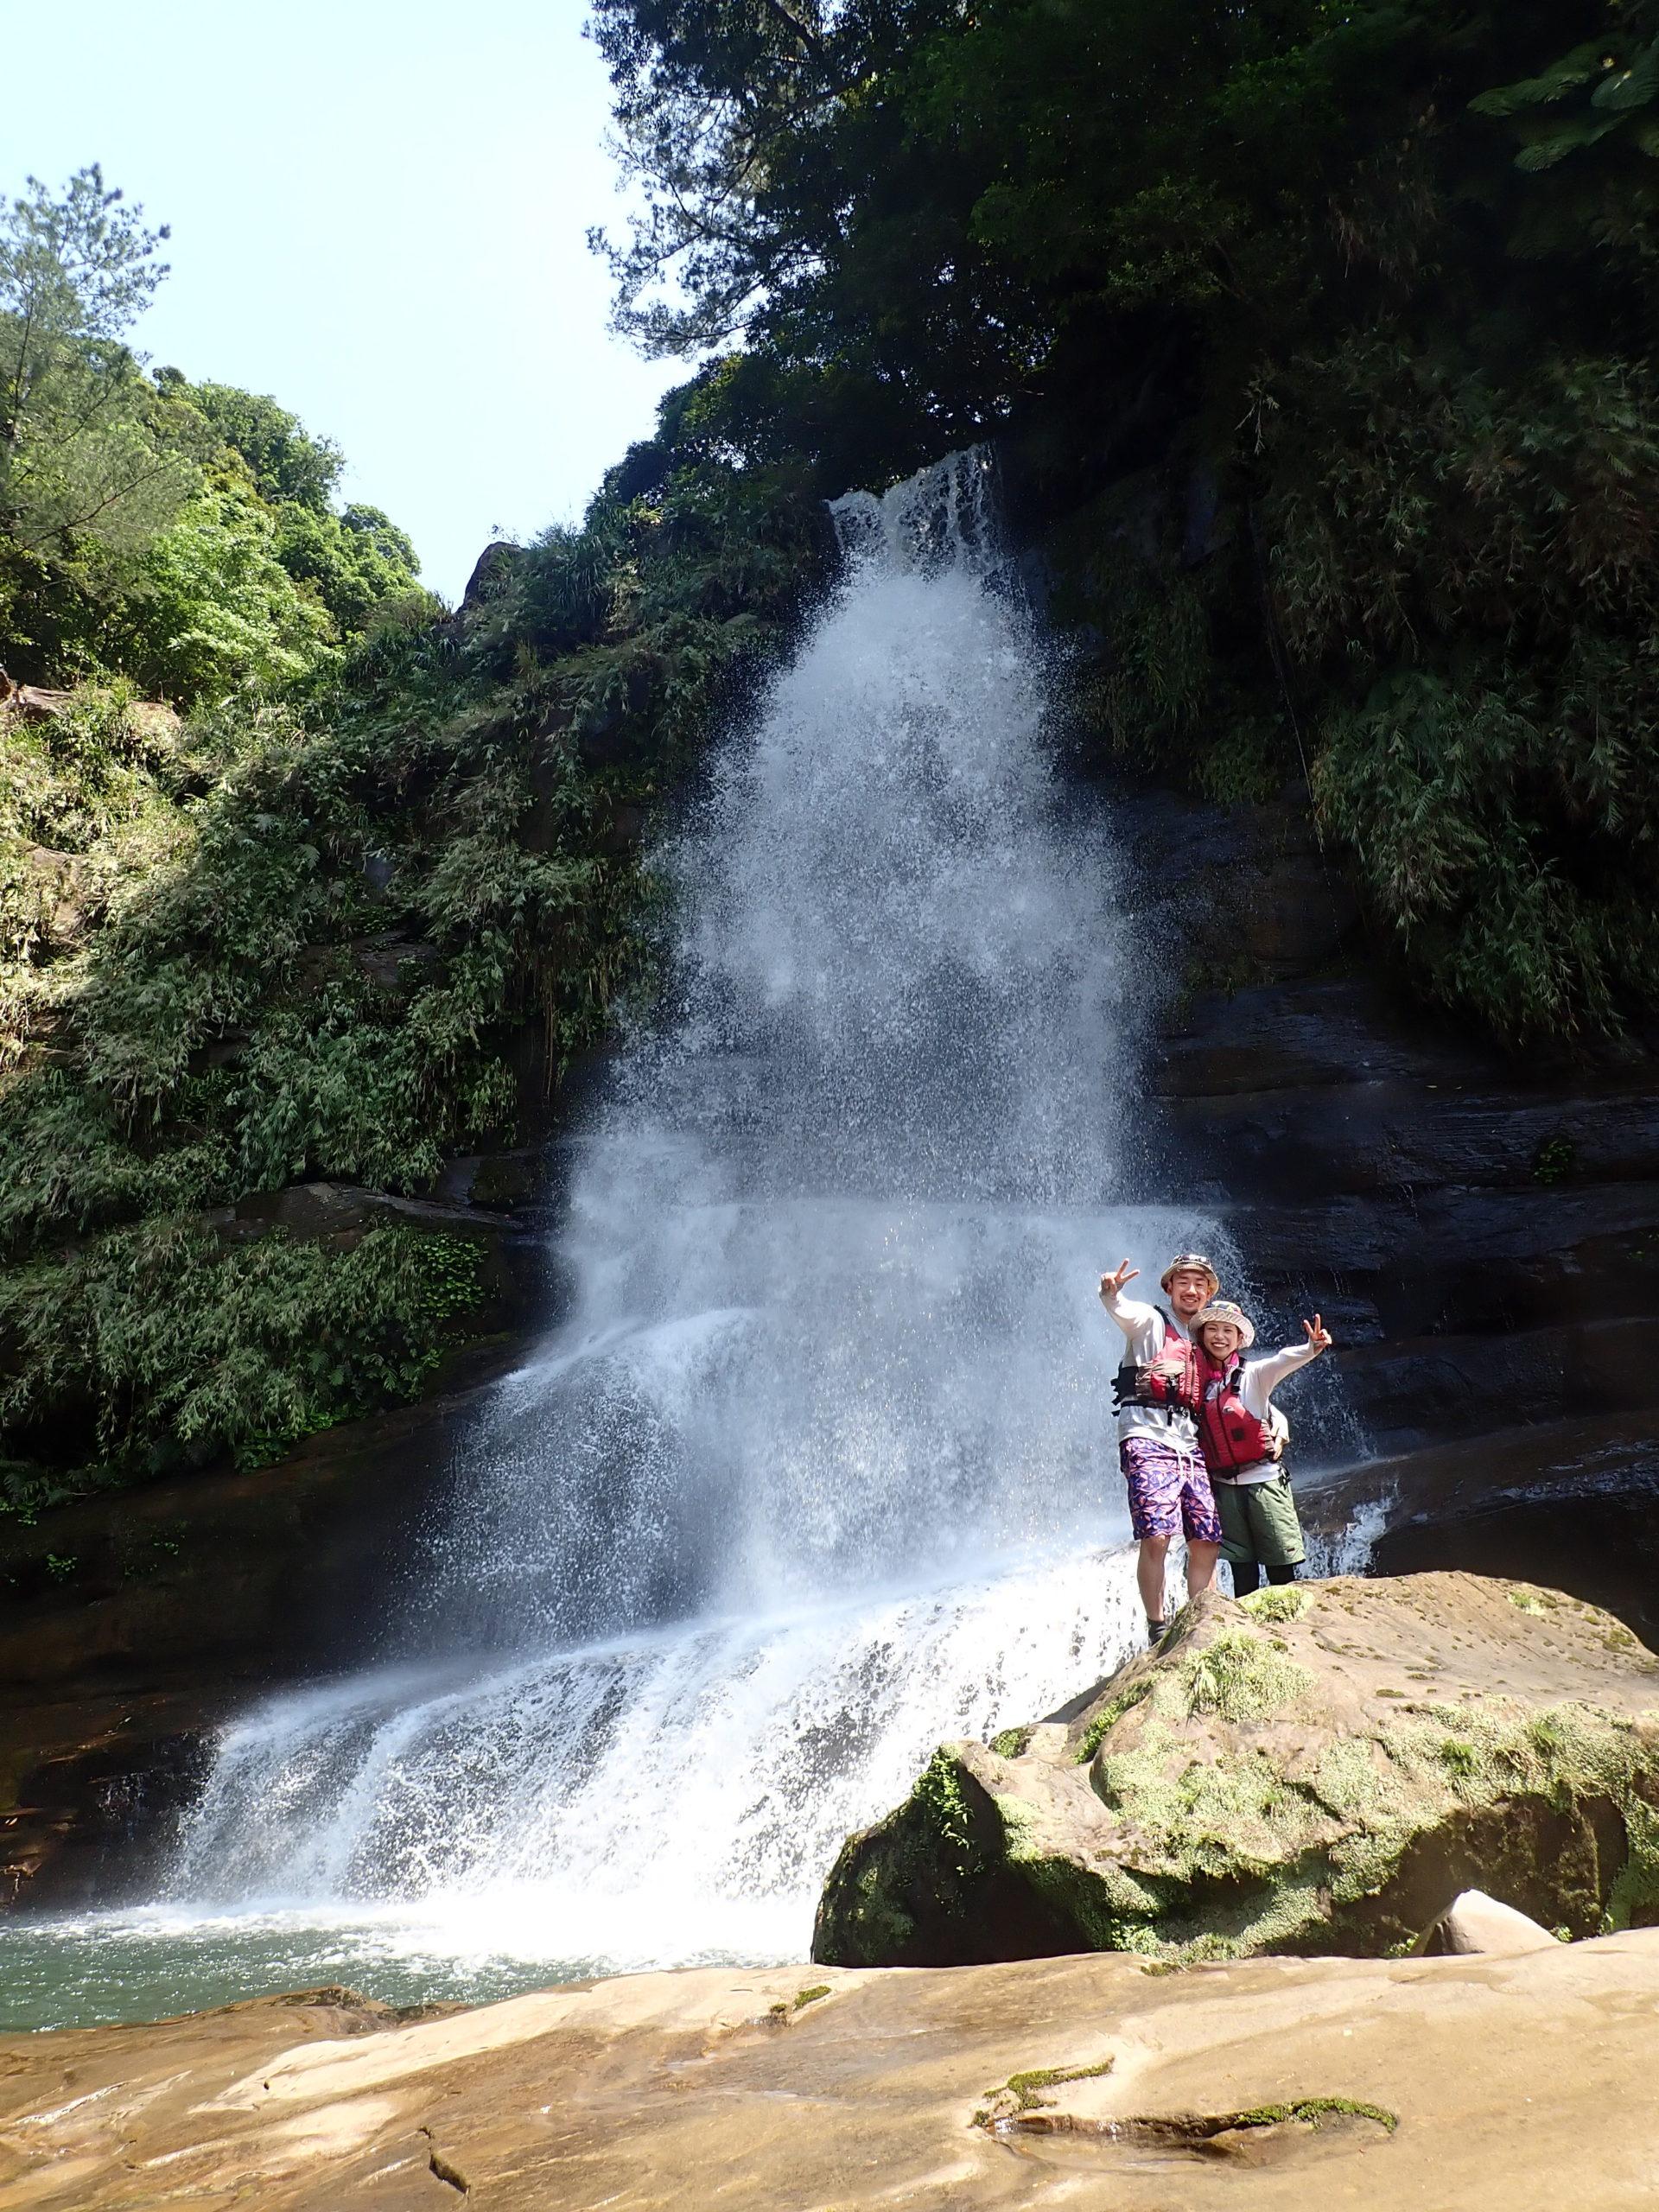 新婚さんいらっしゃ〜い!西表島で最高の思い出「ナーラの滝」カヌーツアー